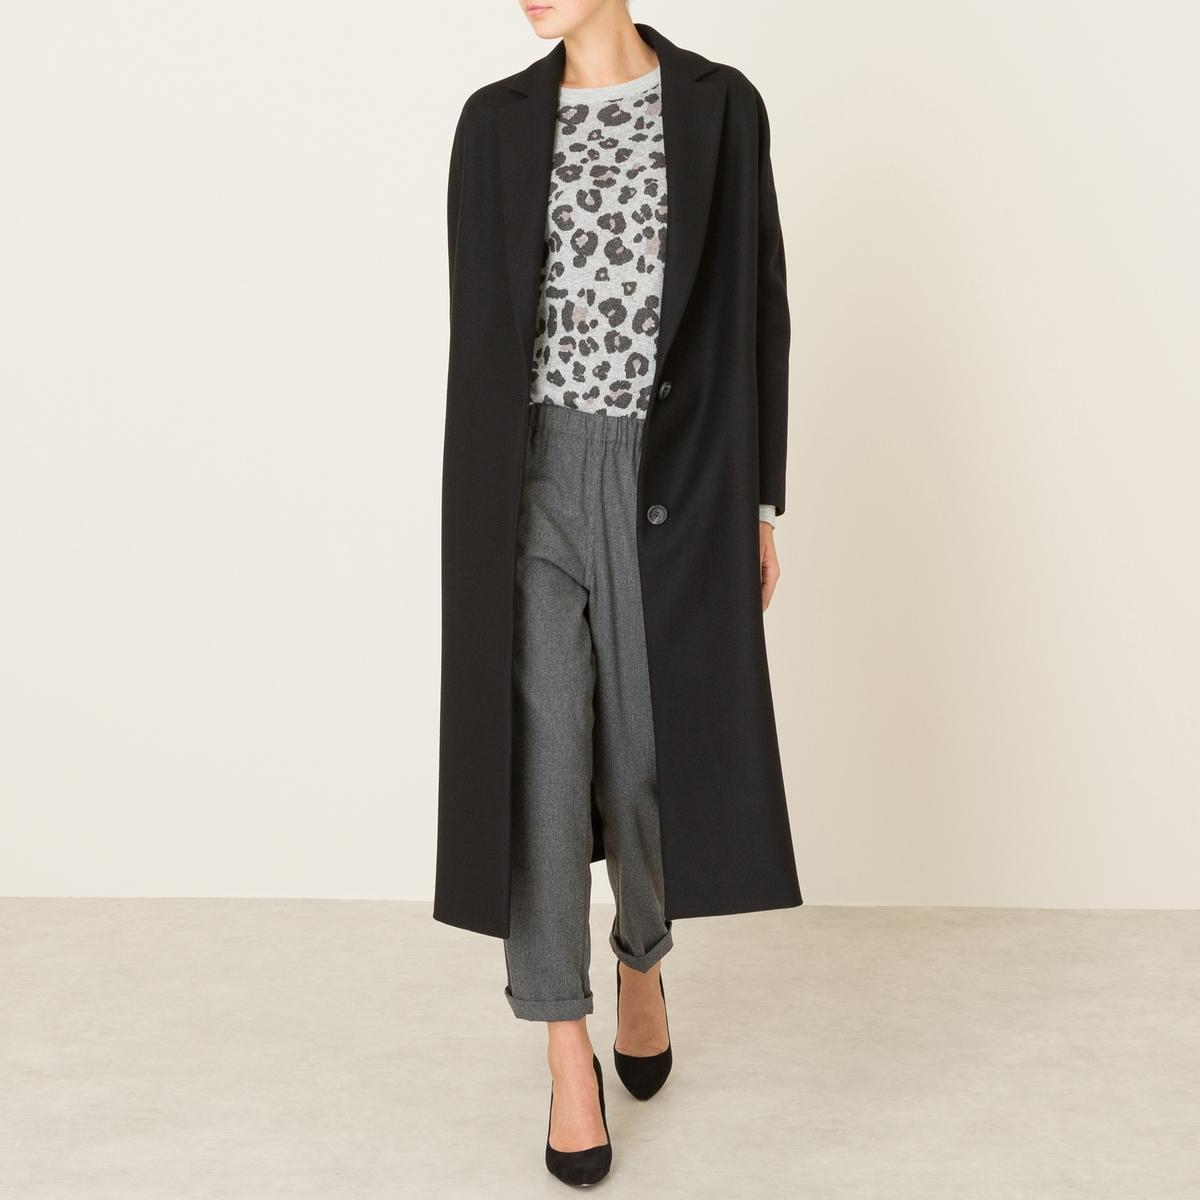 Пальто длинное из шерстяного драпа пальто зимнее из шерстяного драпа